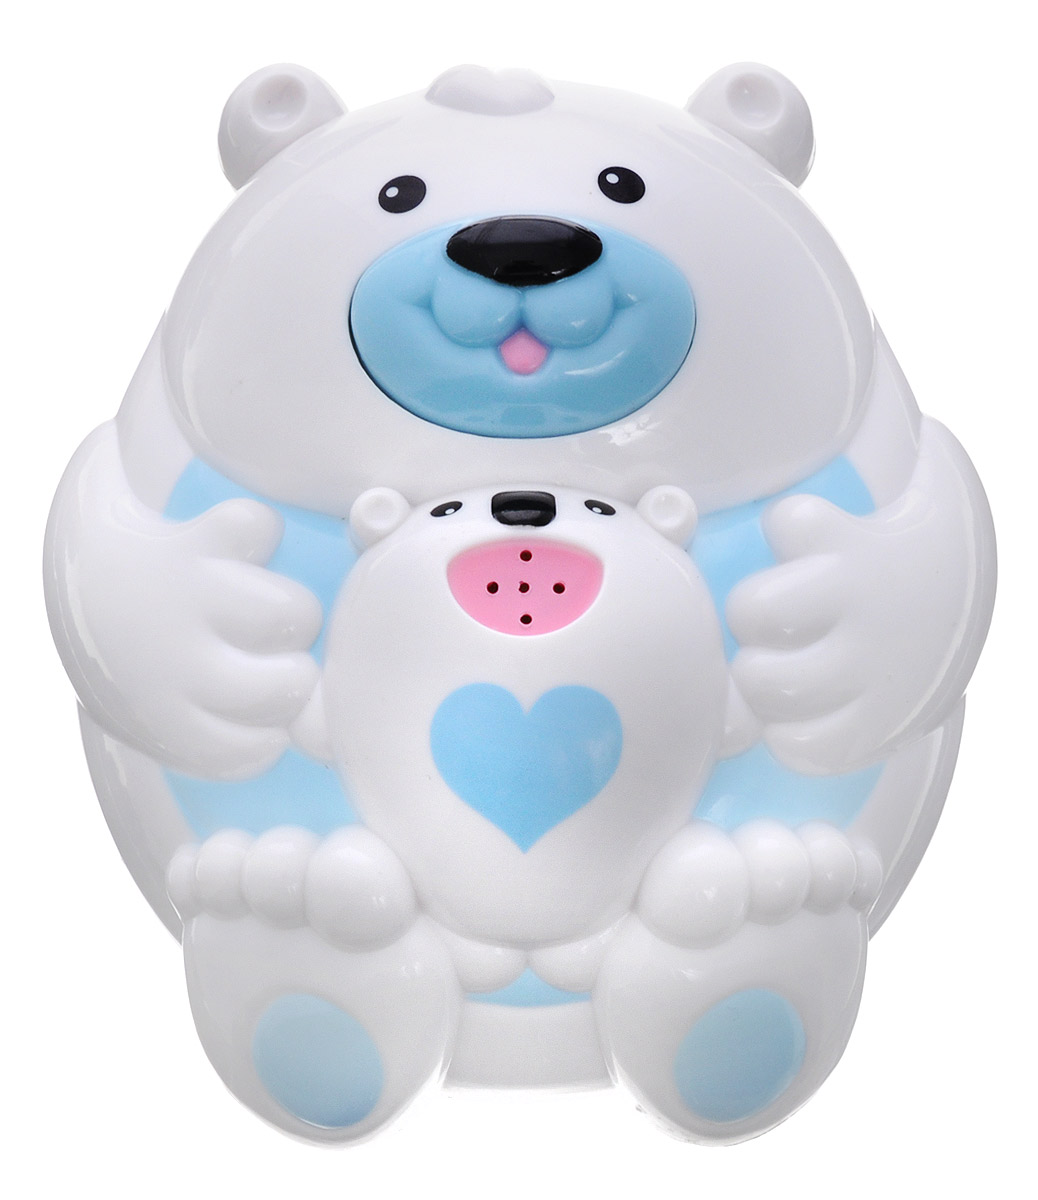 Alex Toys Игрушка для ванной Полярный медвежонок игрушки для ванной alex игрушки для ванны джунгли